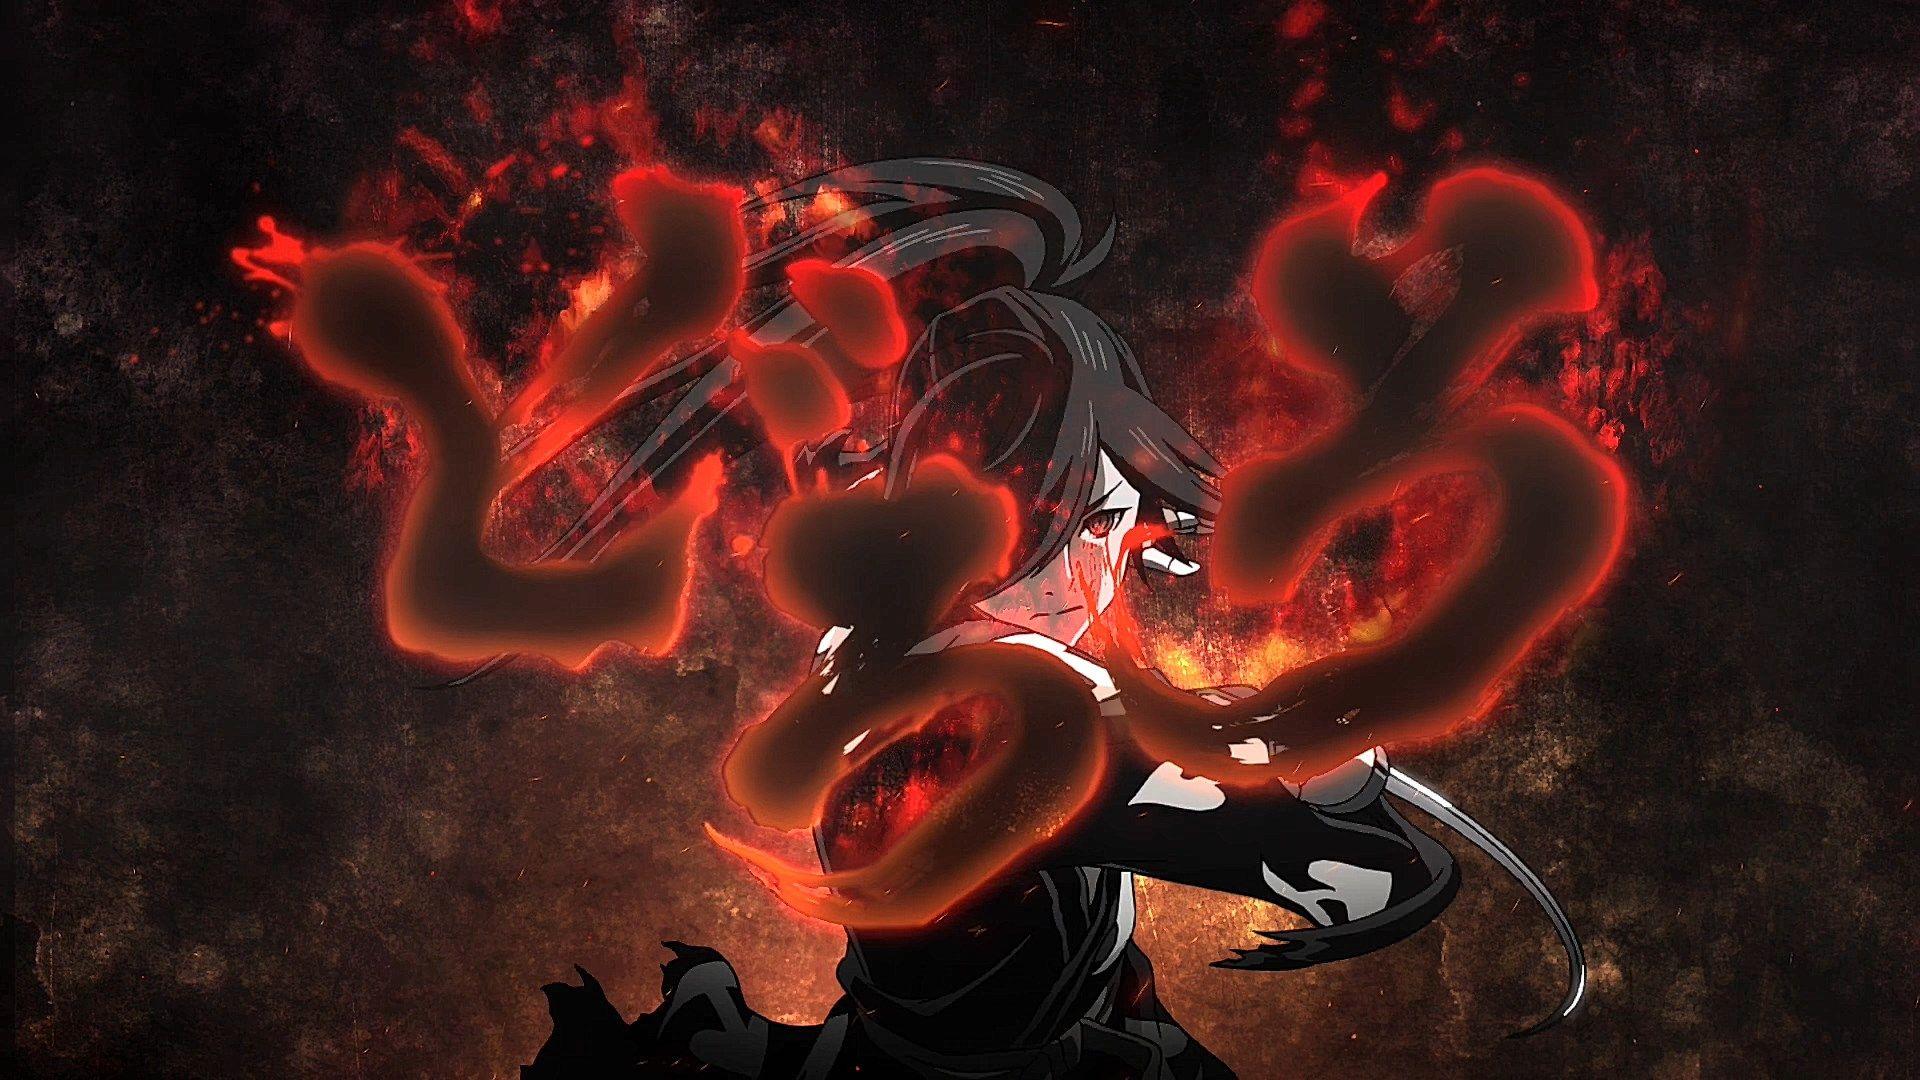 Dororo Wallpaper Japanese Animation Japanese Anime Anime